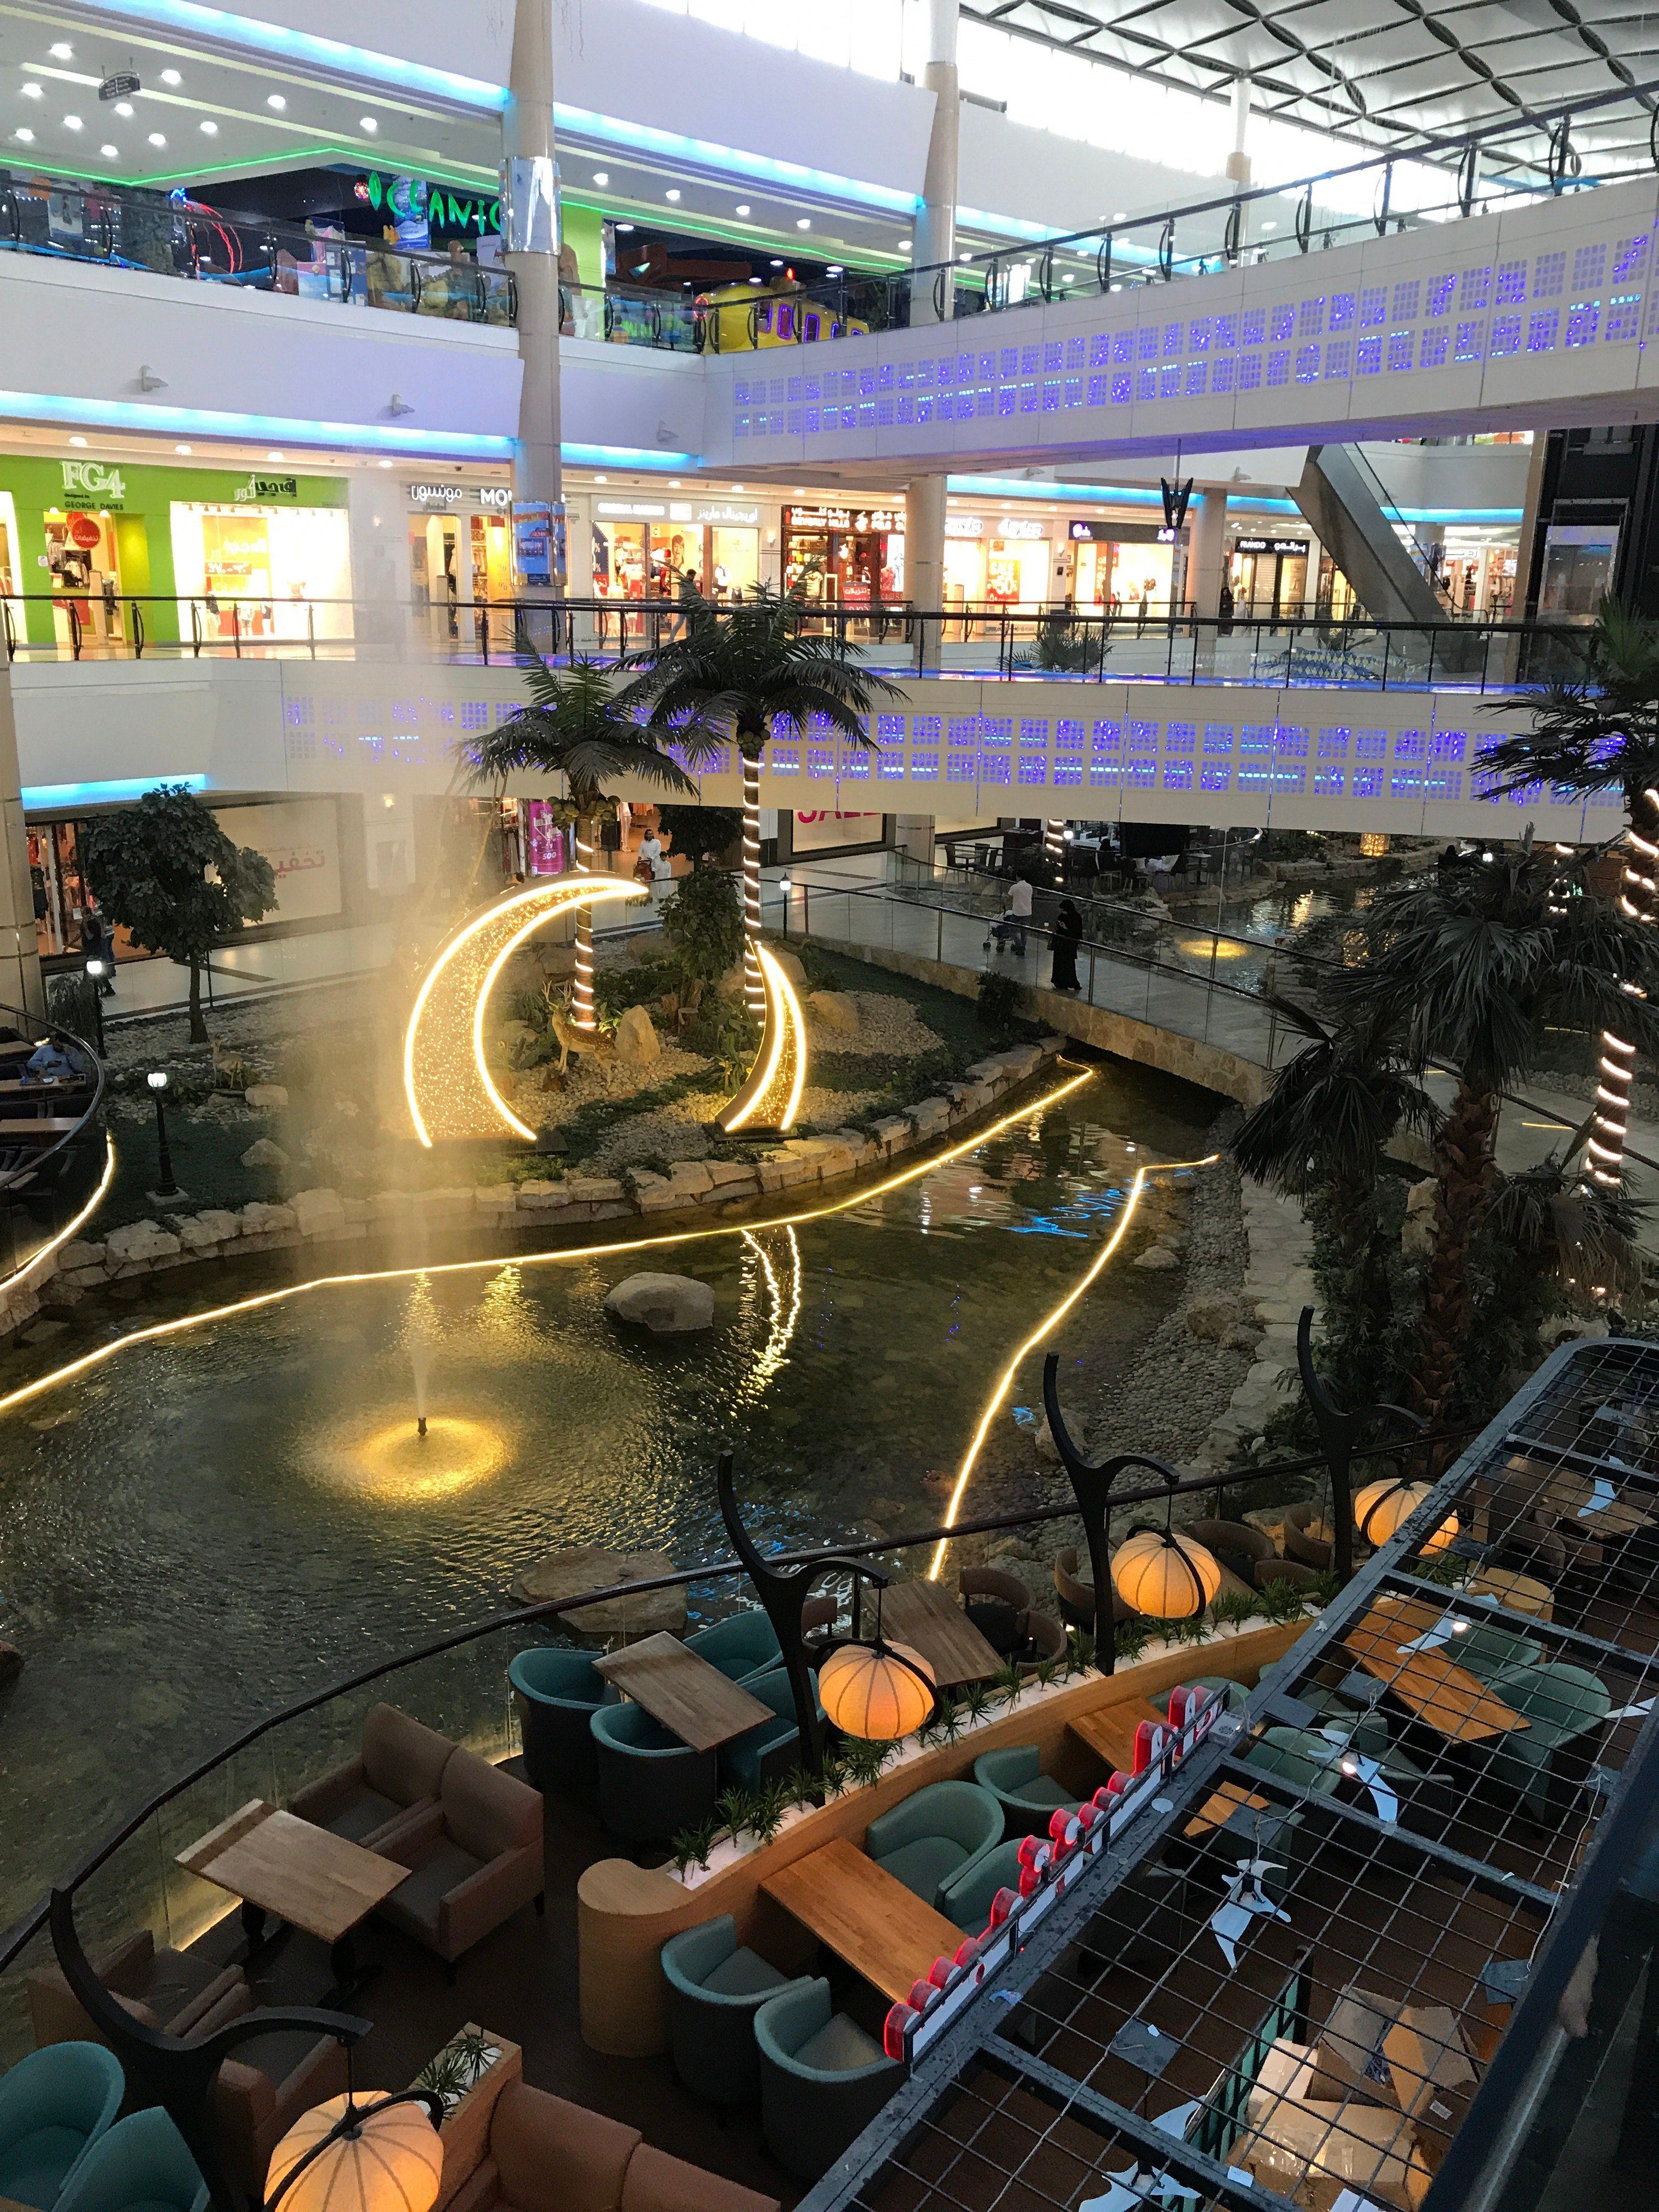 Riyadh Gallery Mall Aktuelle 2017 Lohnt Es Sich Mall Fotos Reisen